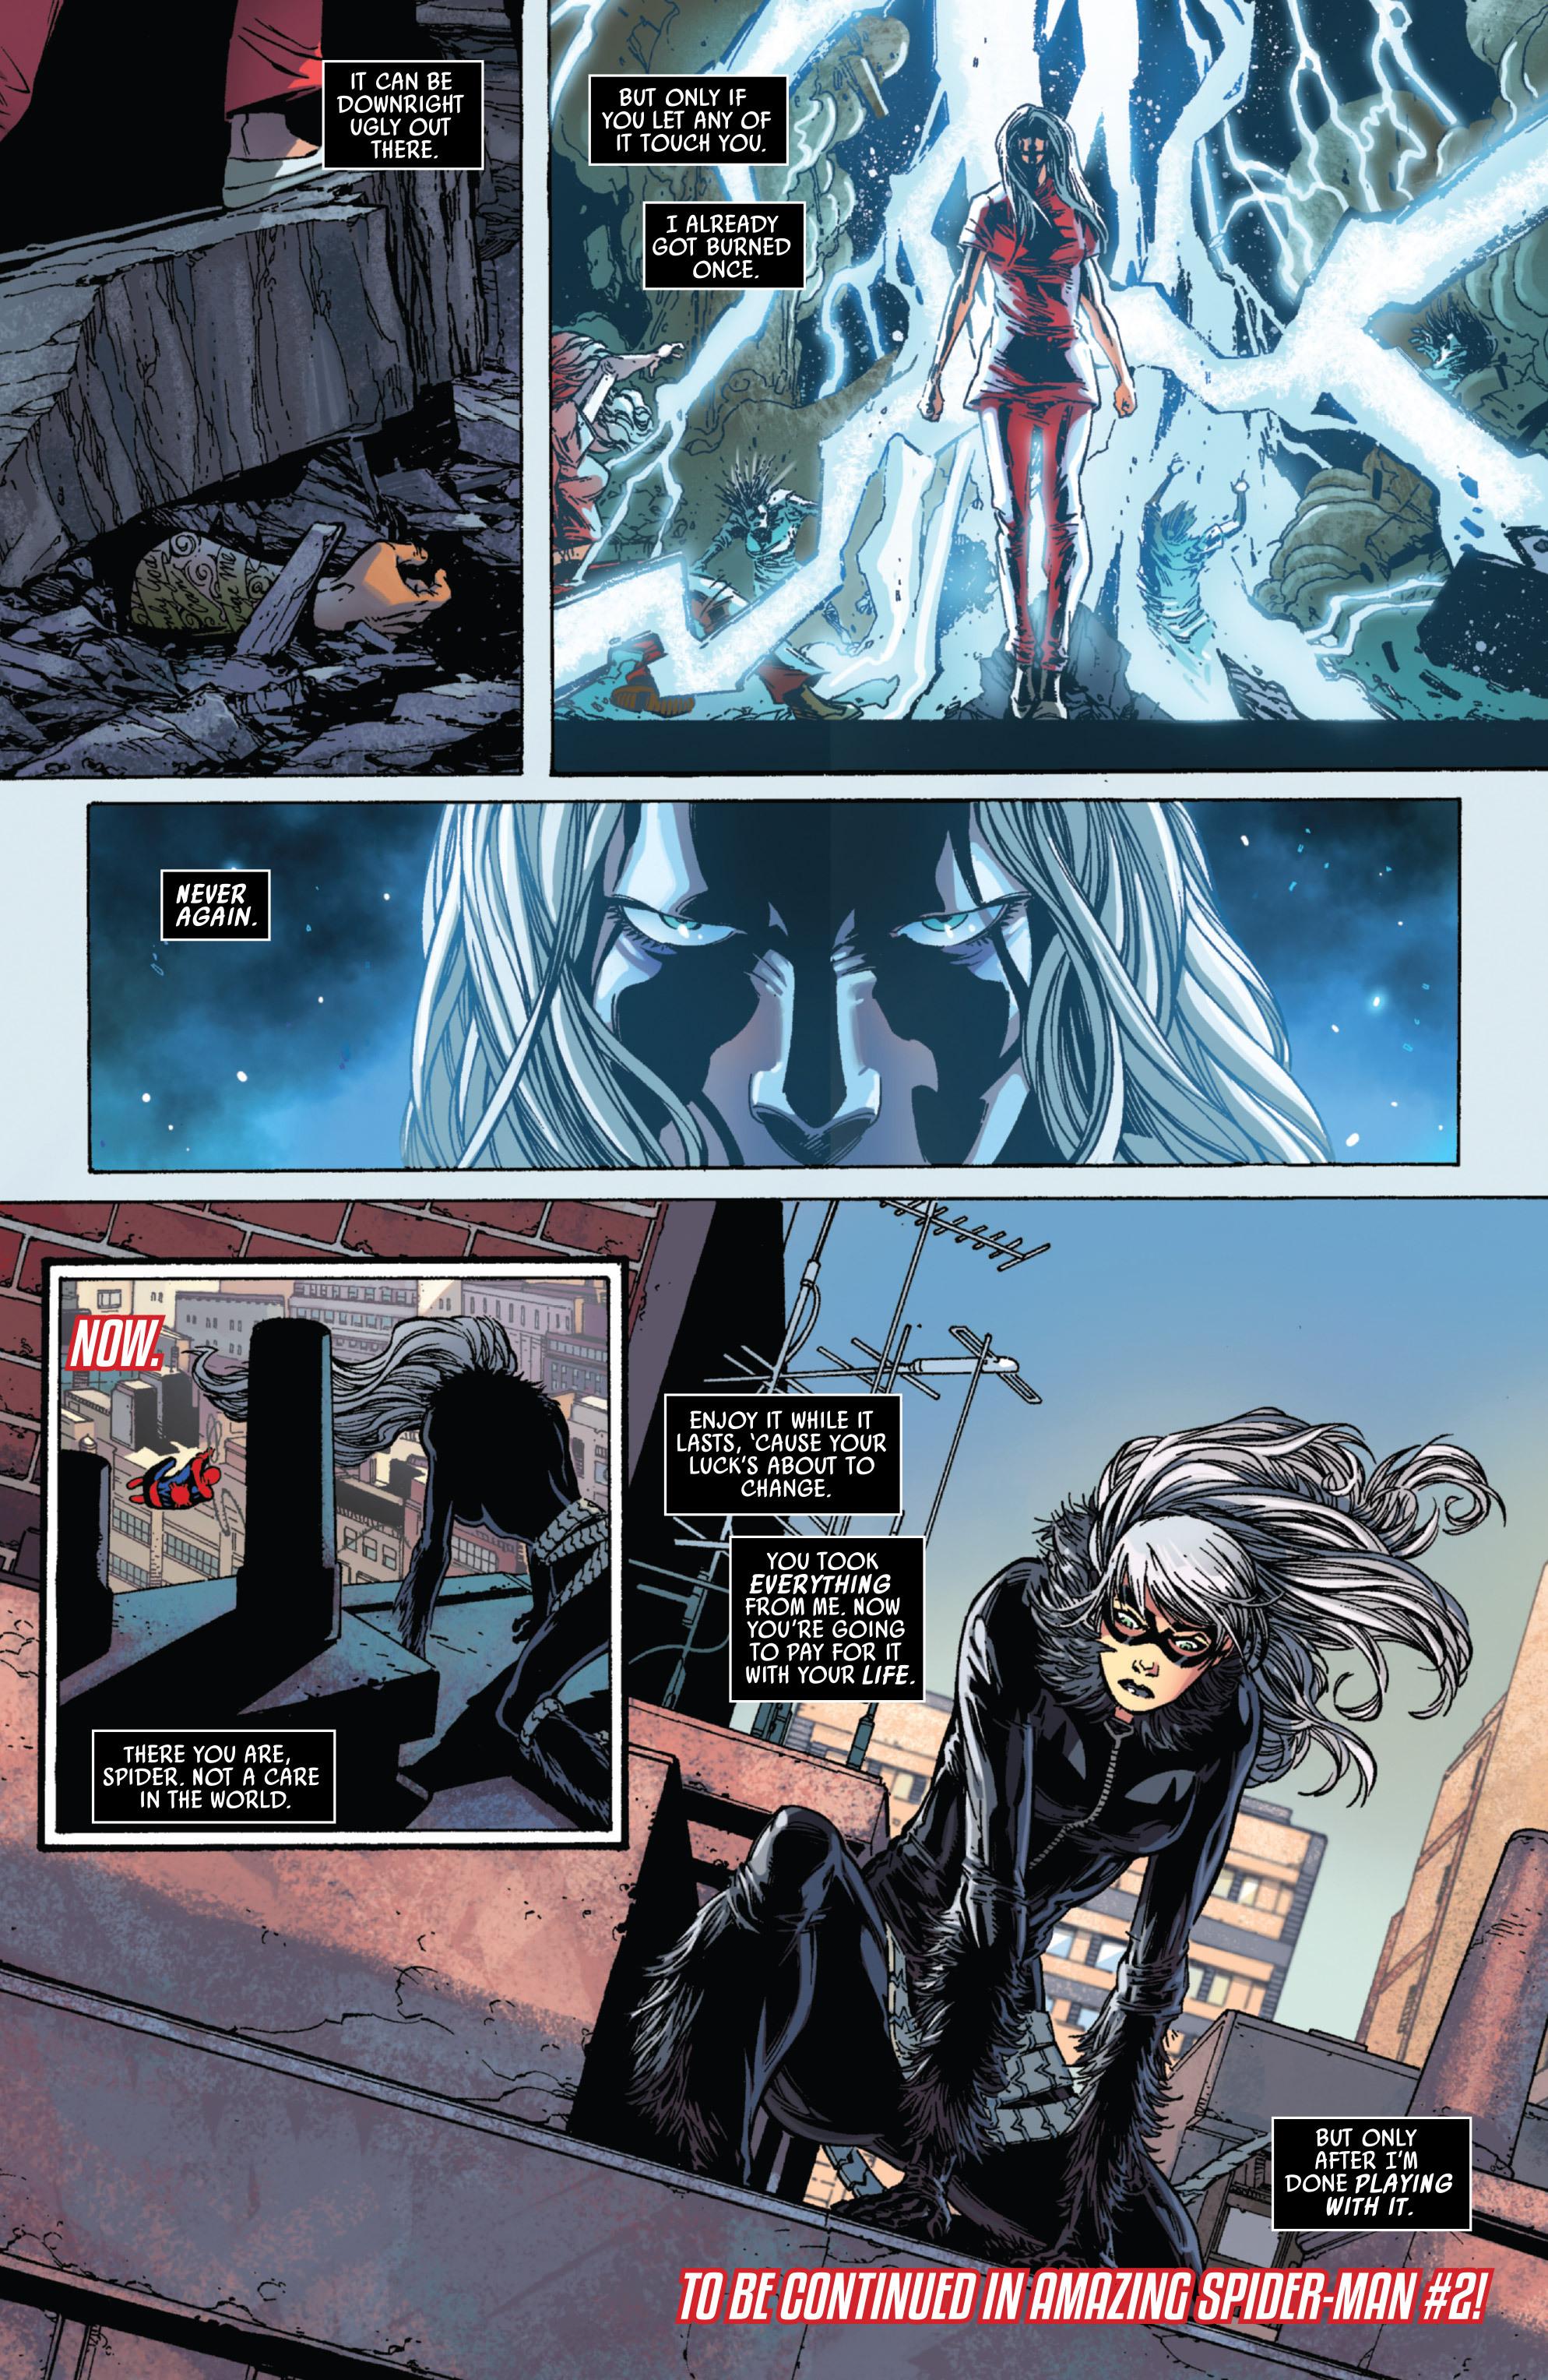 AmazingSpider-Man#1(2014)--p.31